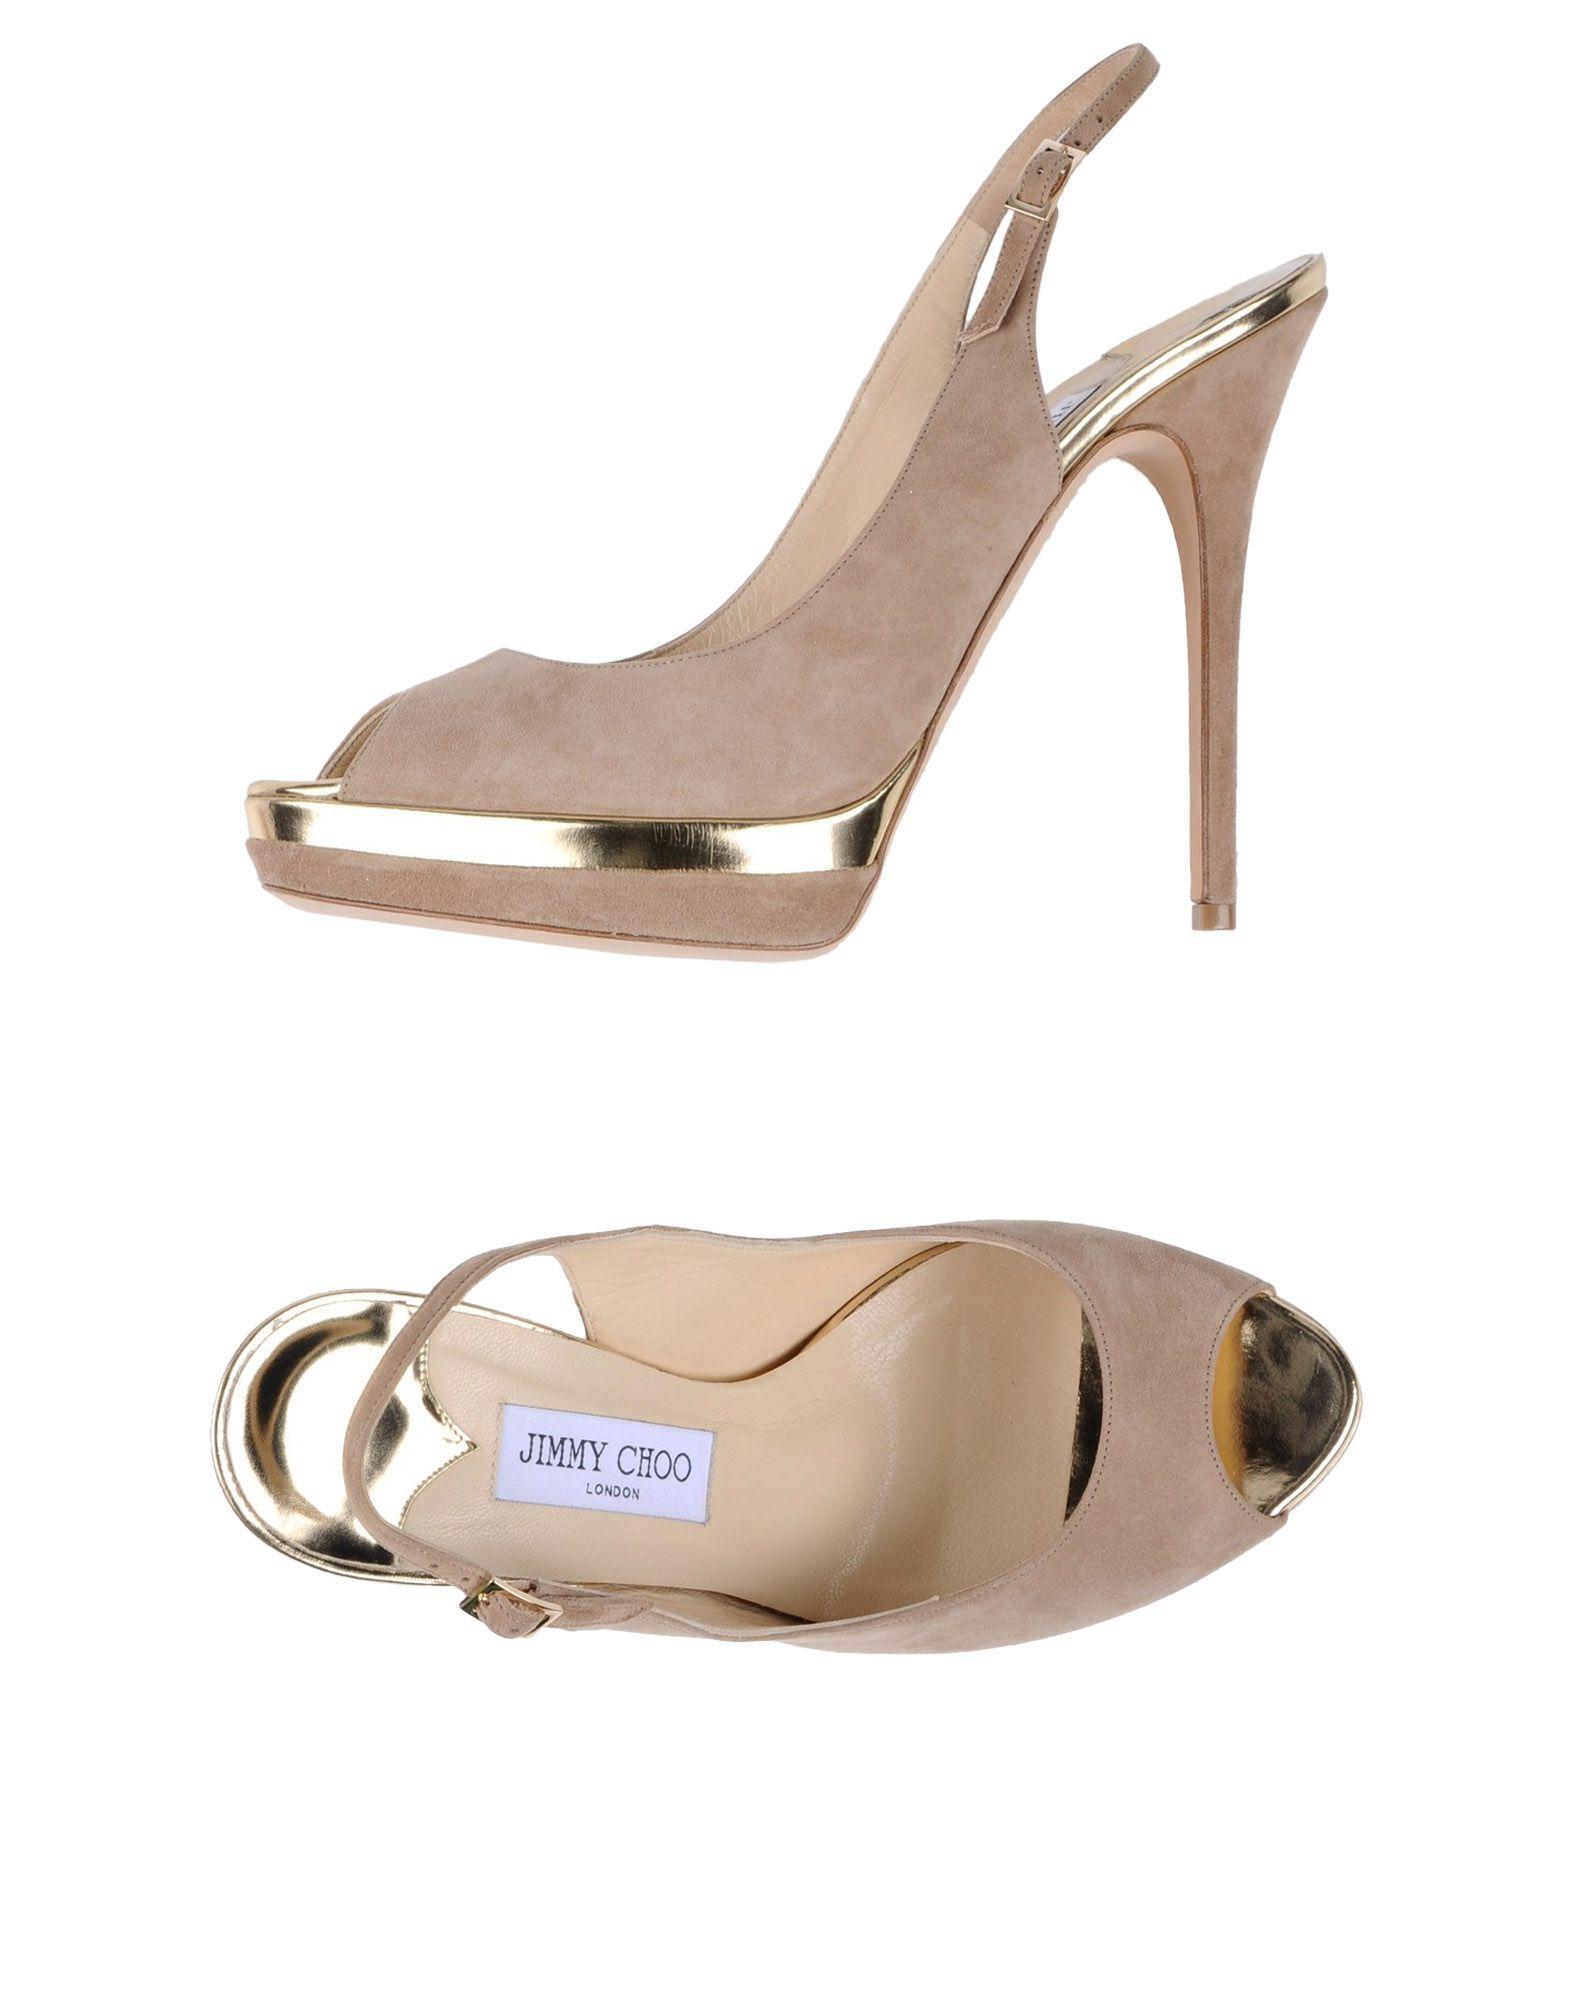 Klassischer Stil-2893,Jimmy Choo Sandalen Damen sich Gutes Preis-Leistungs-Verhältnis, es lohnt sich Damen 01a9ca